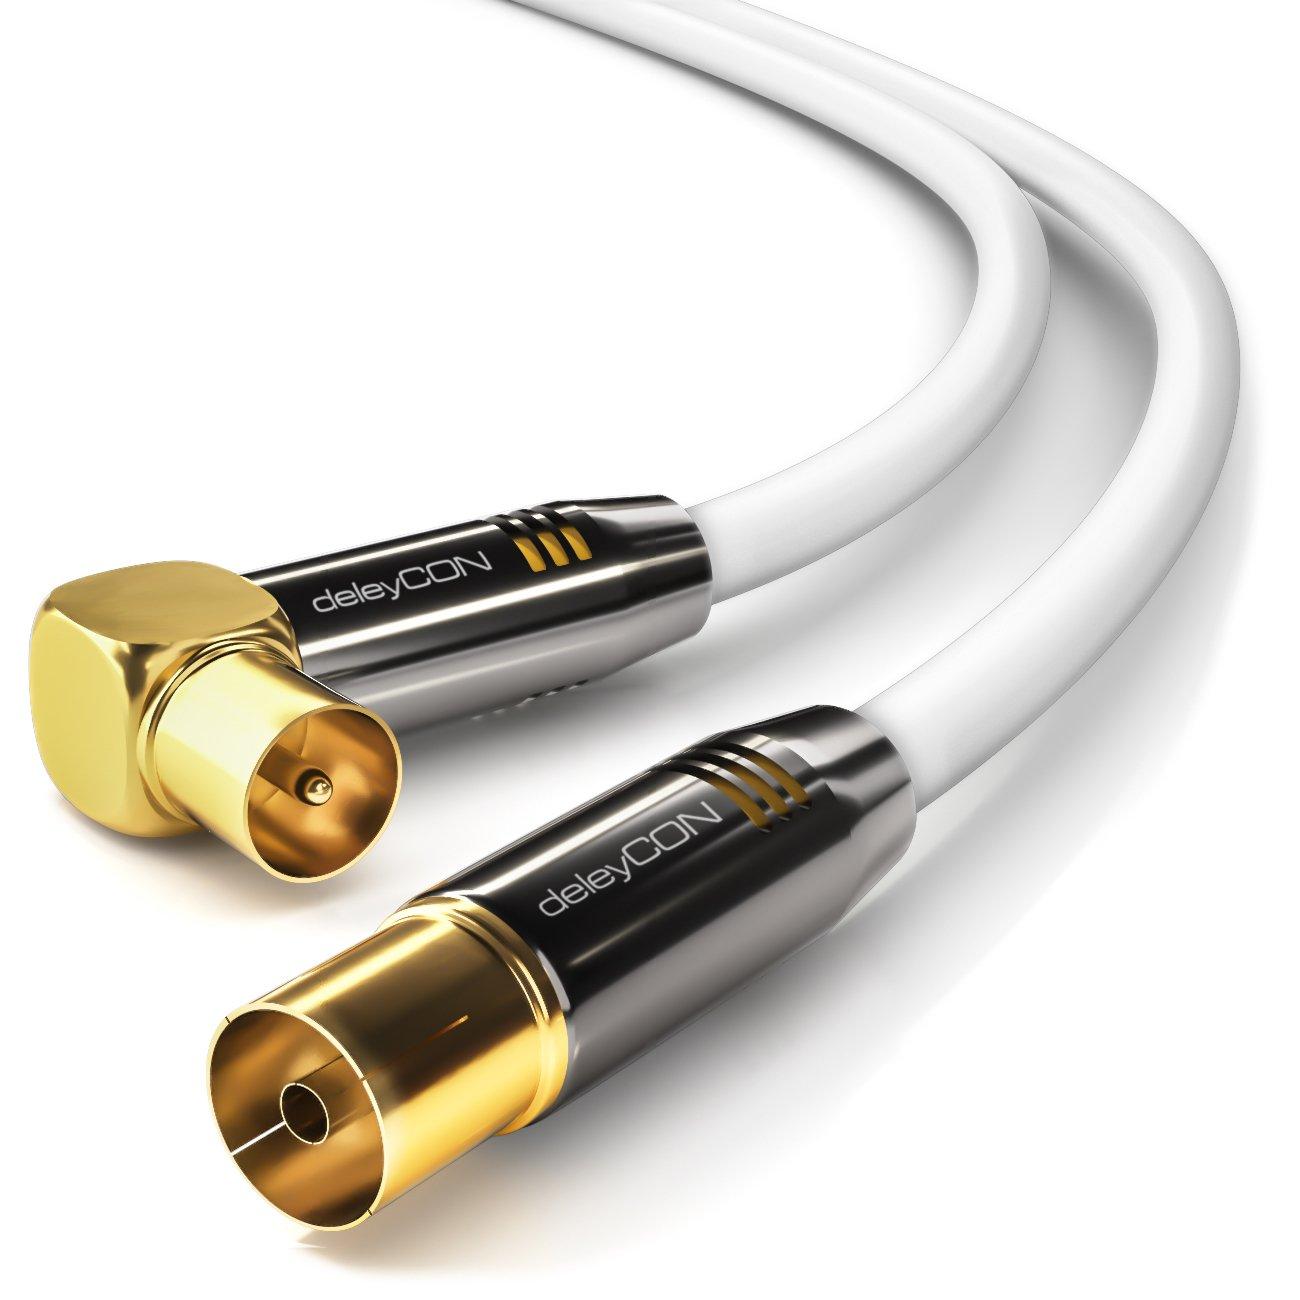 deleyCON TV Cable de antena 7,5m Cable coaxial / Conector dorado 90° macho de TV / hembra de TV rectos Conector de metal 100dB UltraHD FullHD: Amazon.es: ...